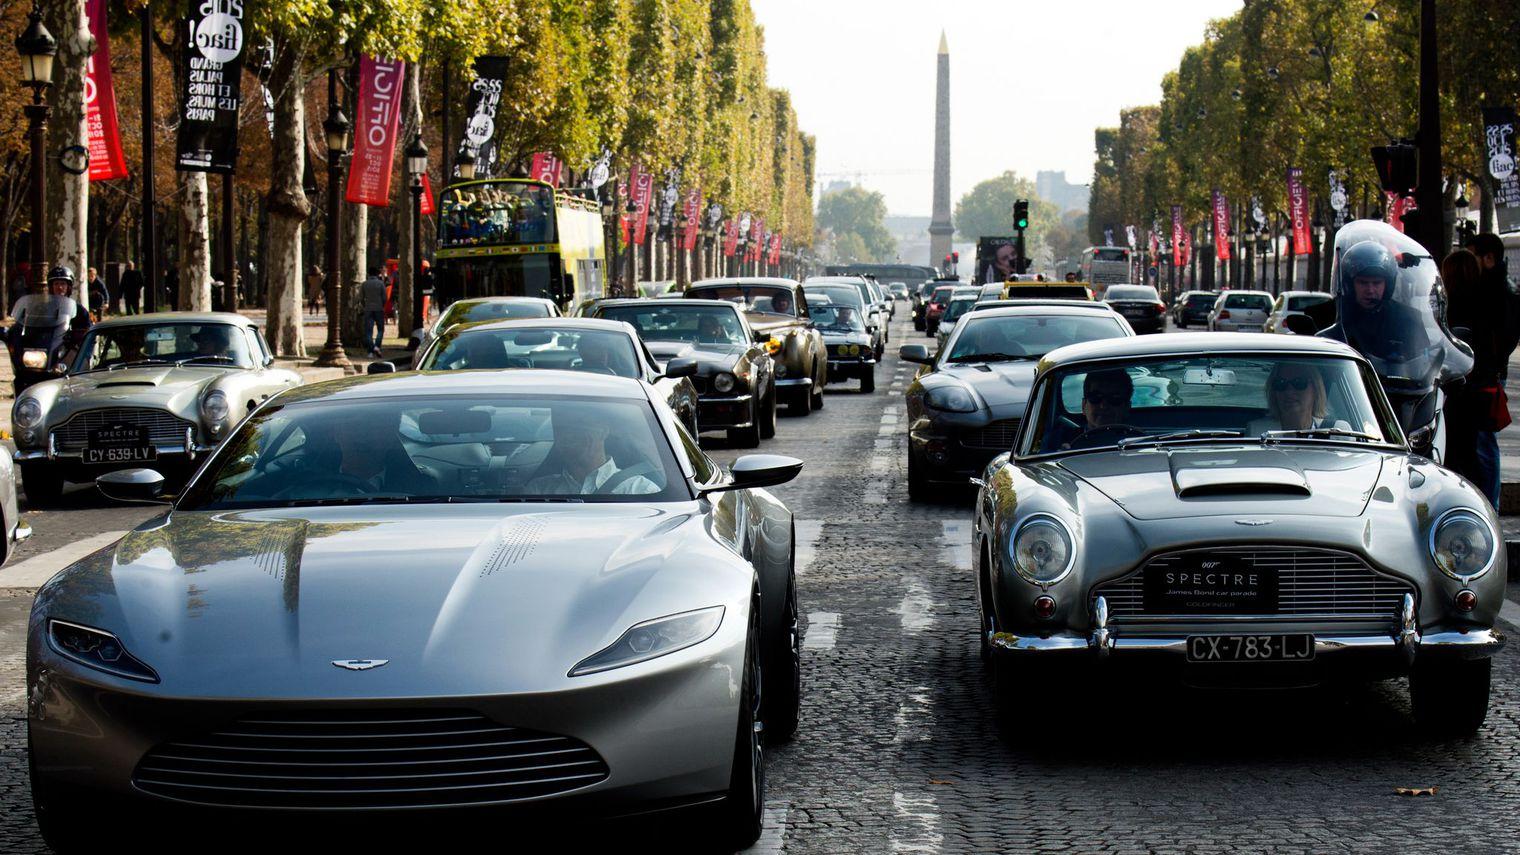 Film De Voiture : film de voiture je vous conseille les incontournables ~ Maxctalentgroup.com Avis de Voitures